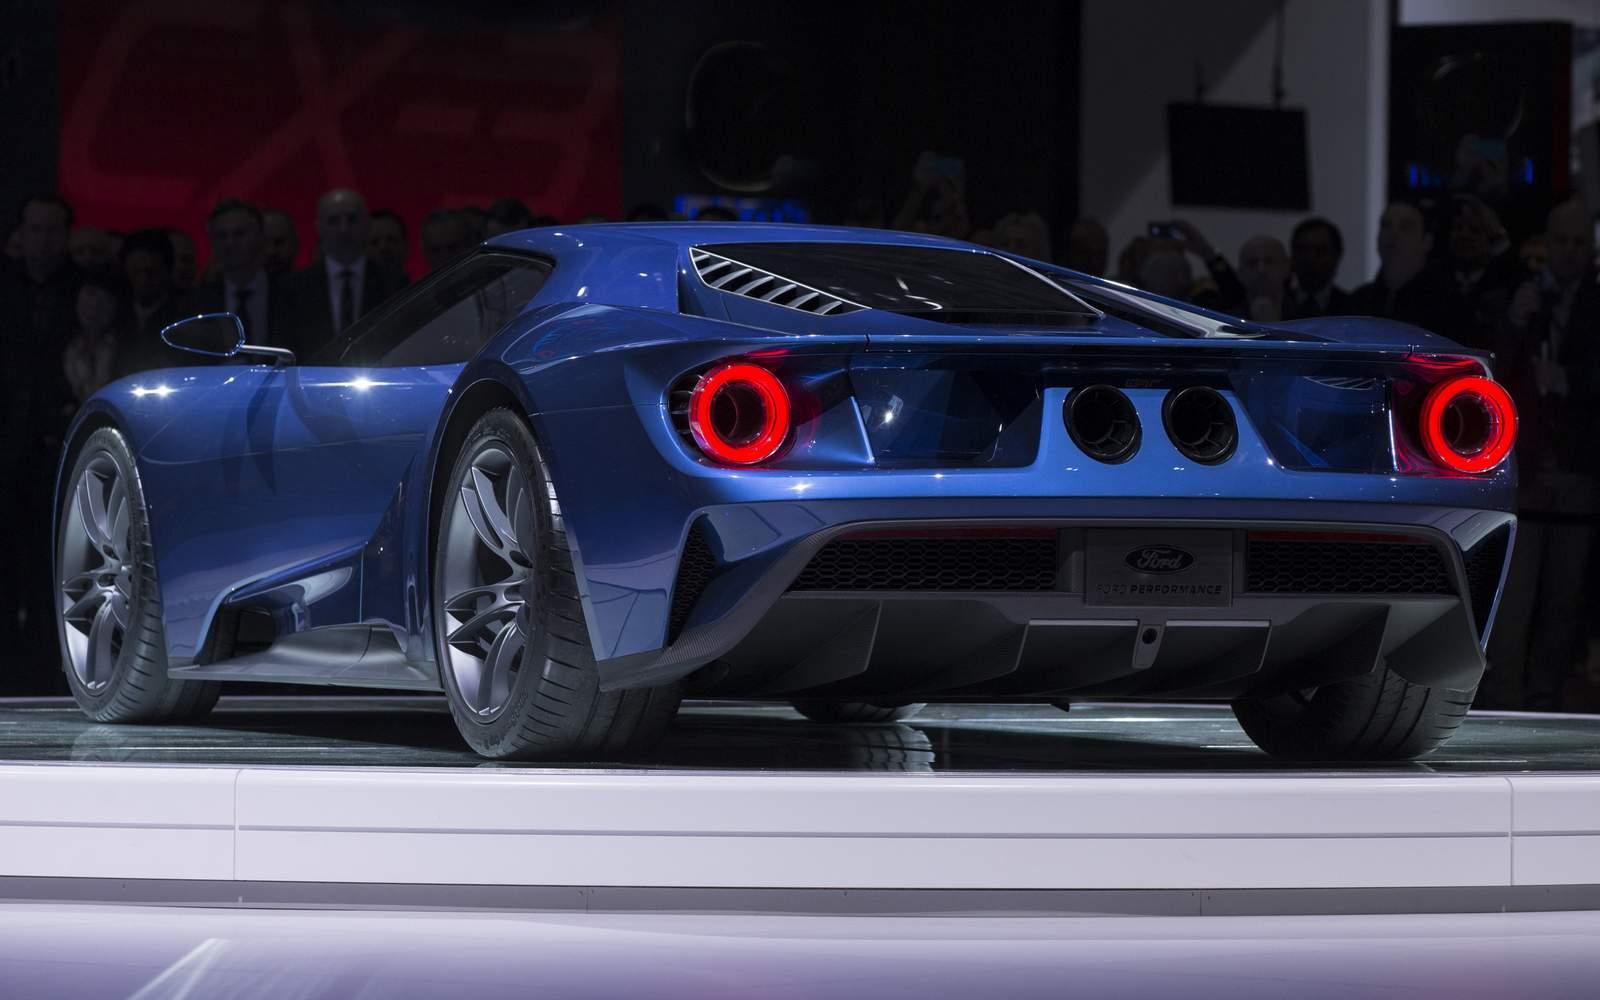 Ford Gt Chega Em 2016 Pre 231 O De Lamborghini Aventador Car Blog Br